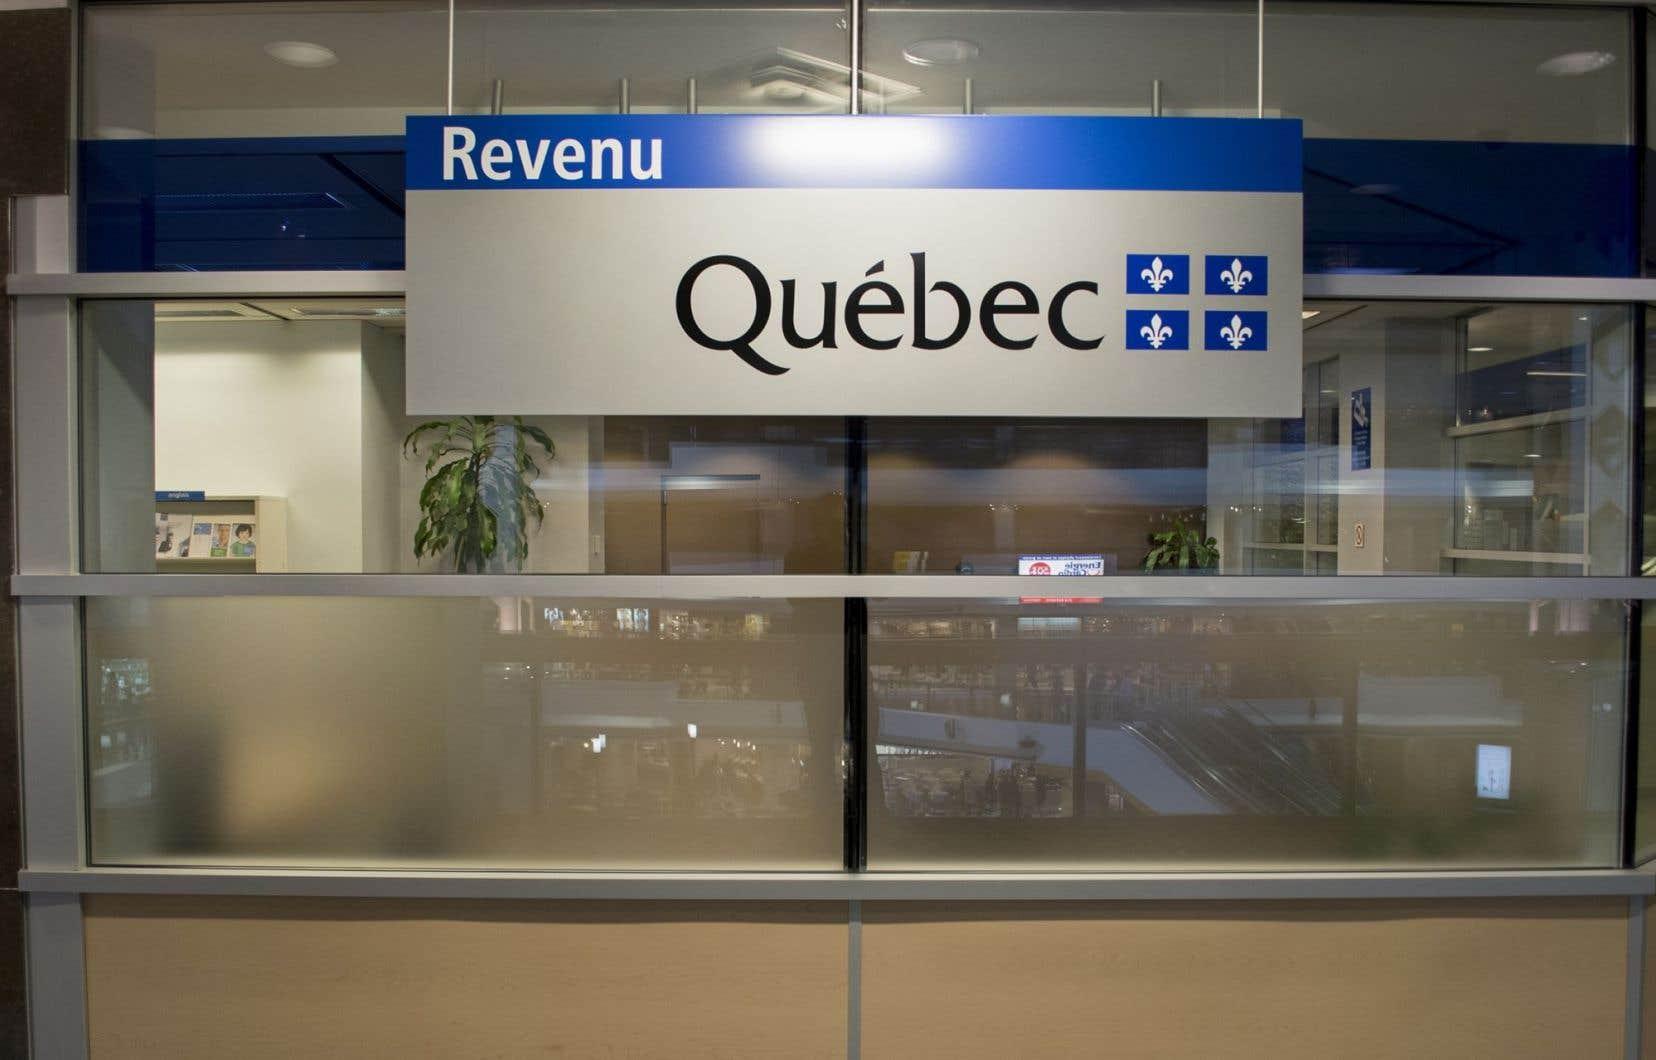 Revenu Québec reproche au restaurant d'avoir produit de fausses déclarations en plus d'avoir éludé ou tenter d'éluder le paiement ainsi que le versement de taxes.